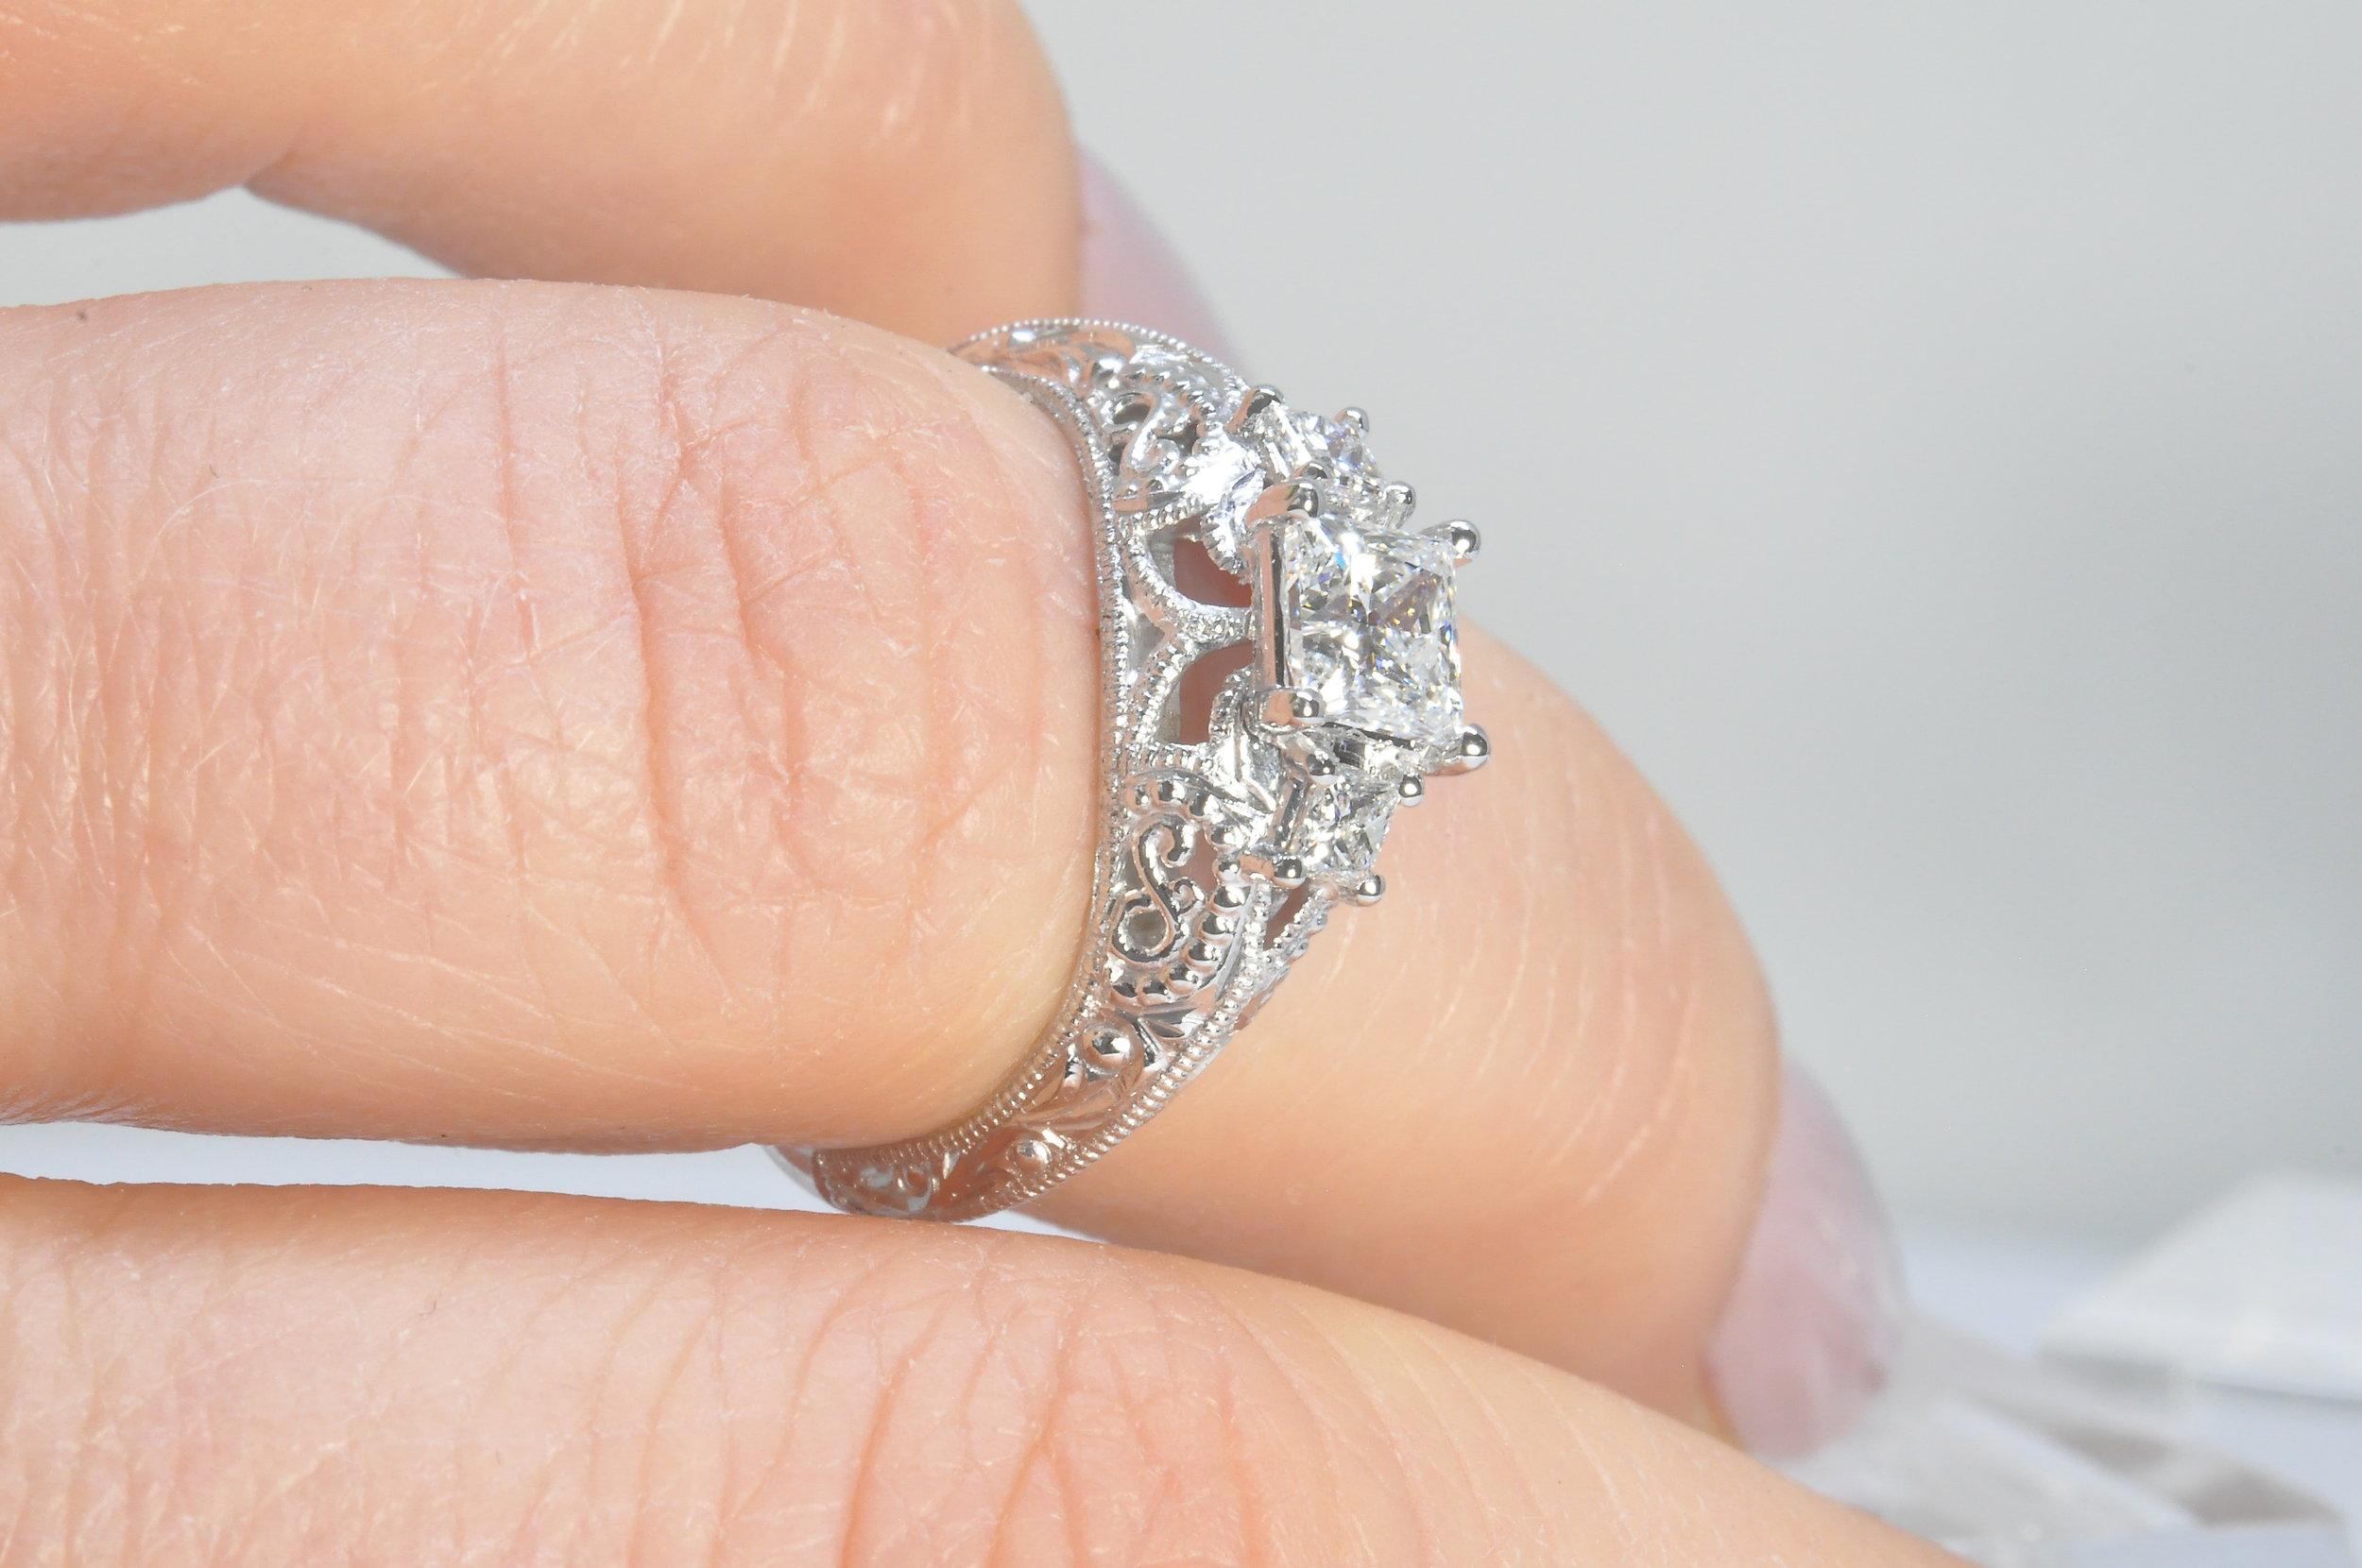 Engraved Custom Engagement Ring Toronto.JPG